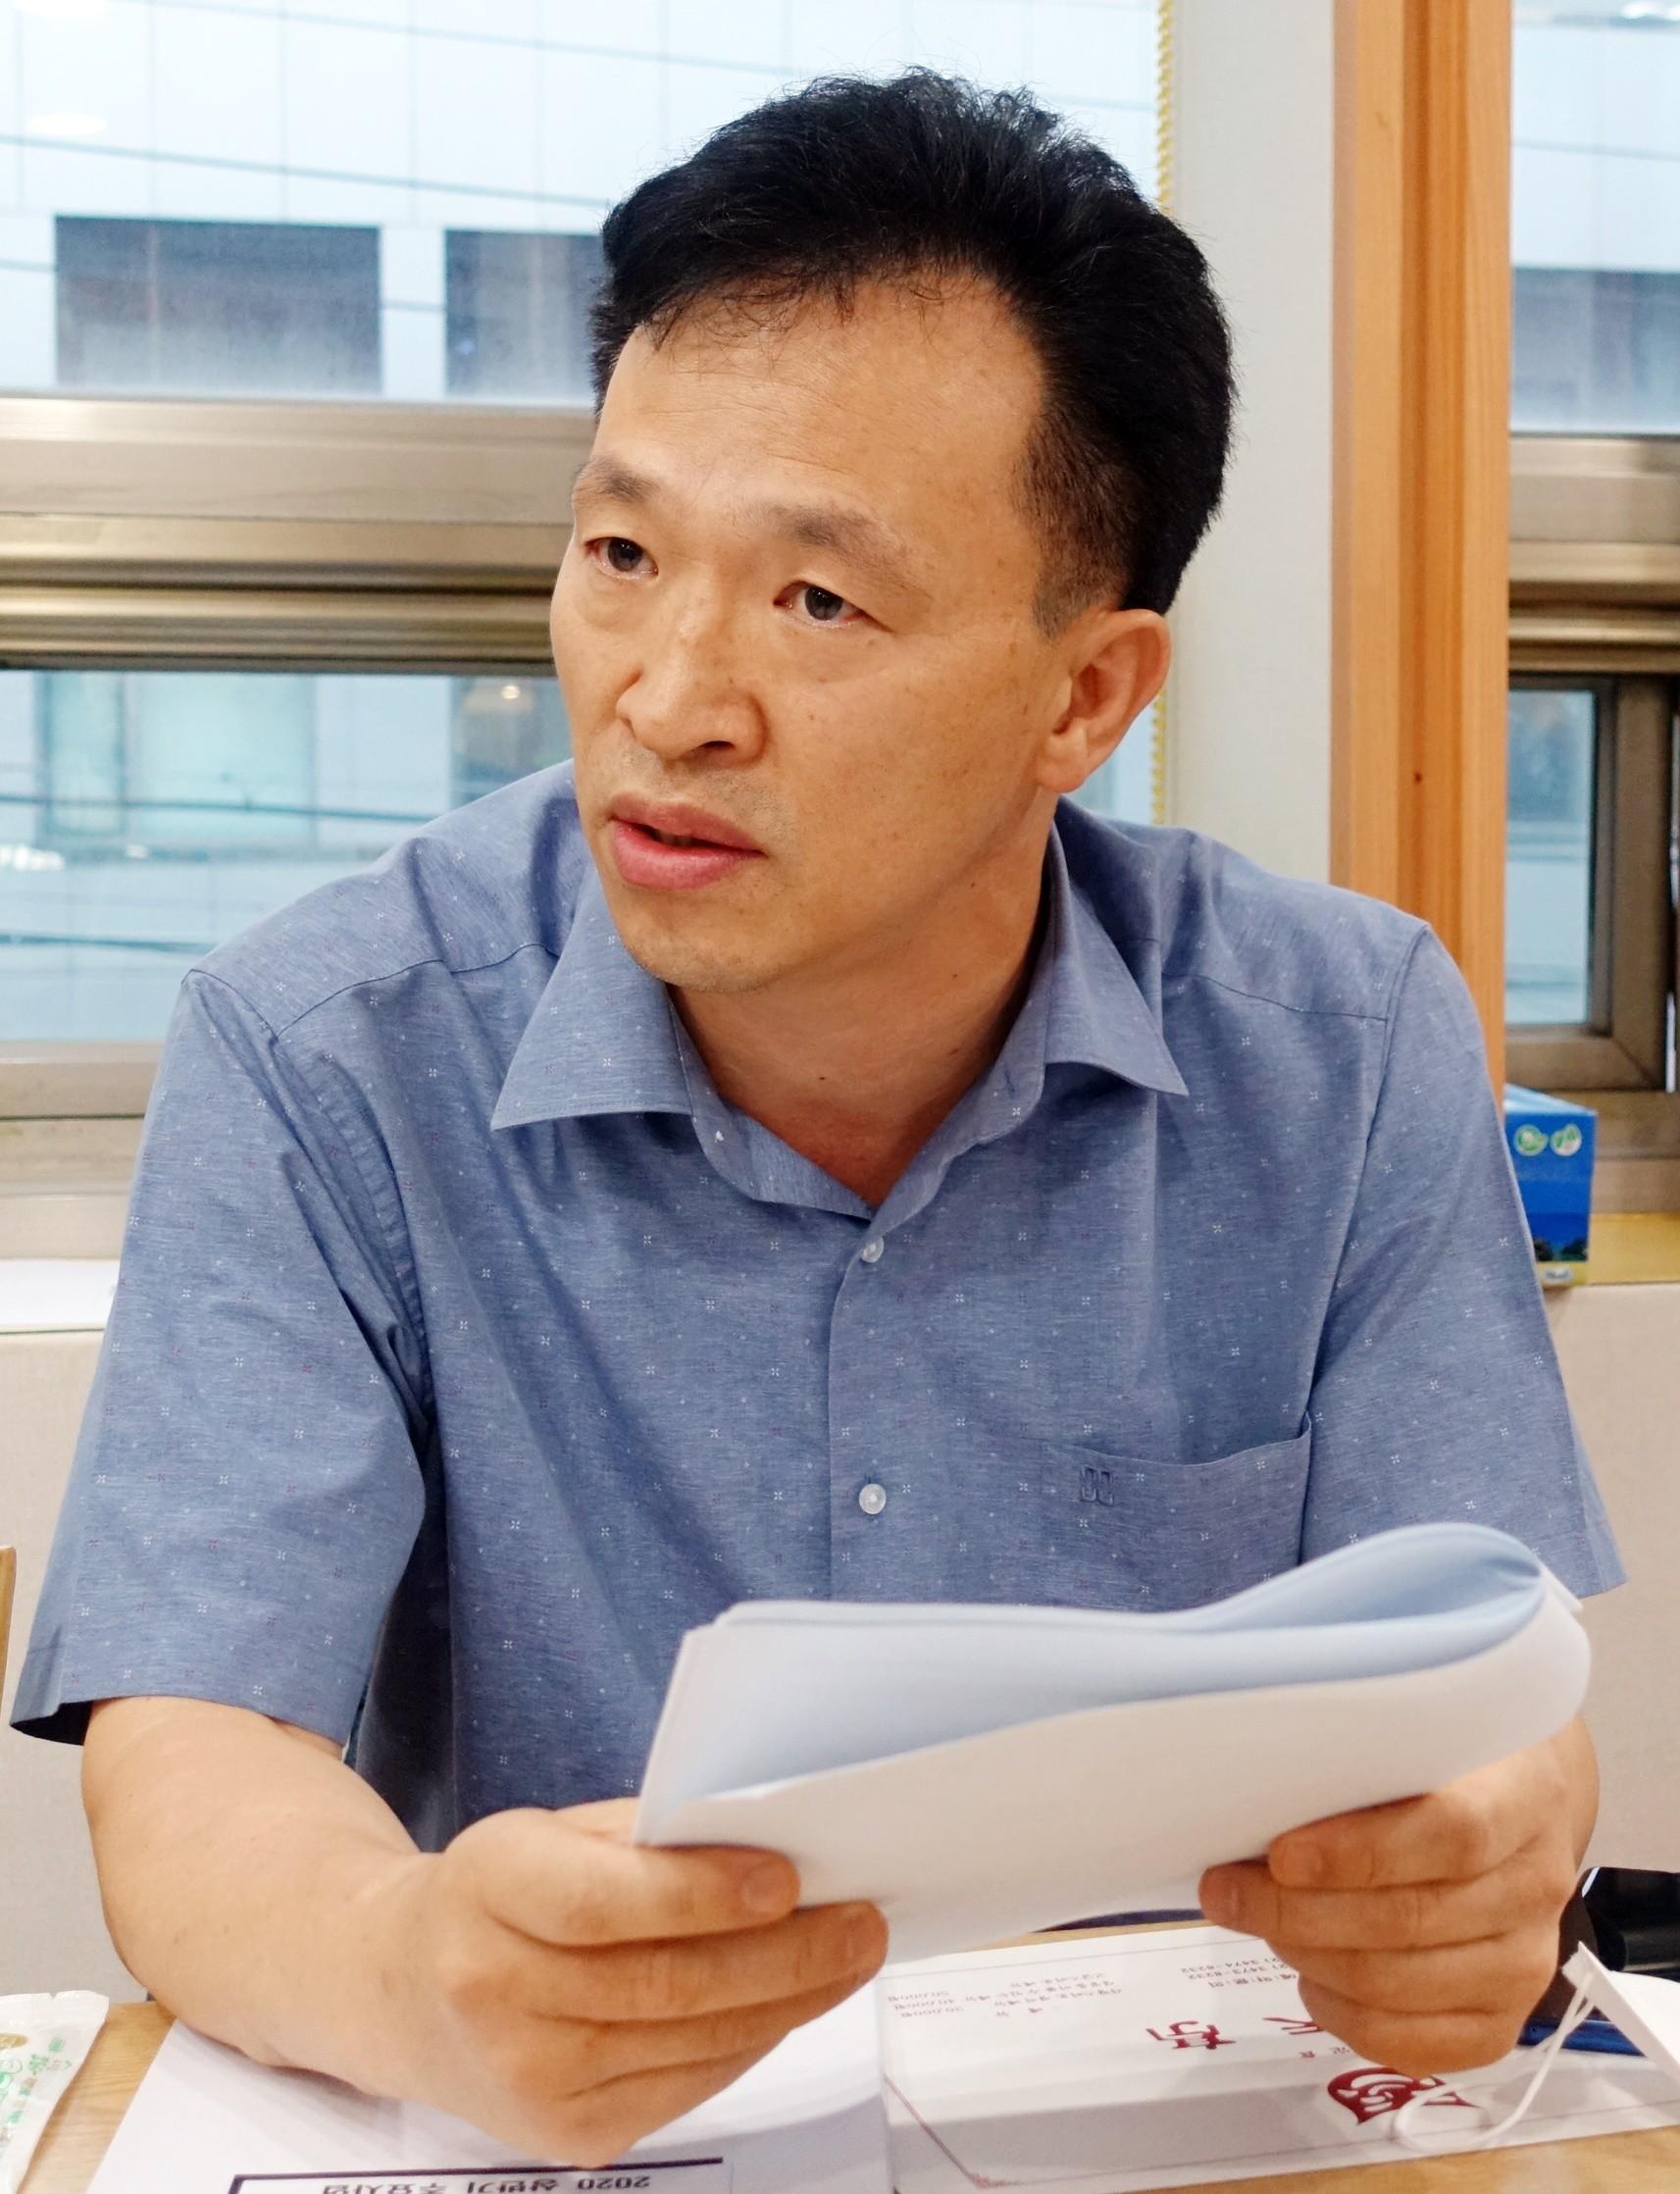 연제덕 경기도약사회 부회장